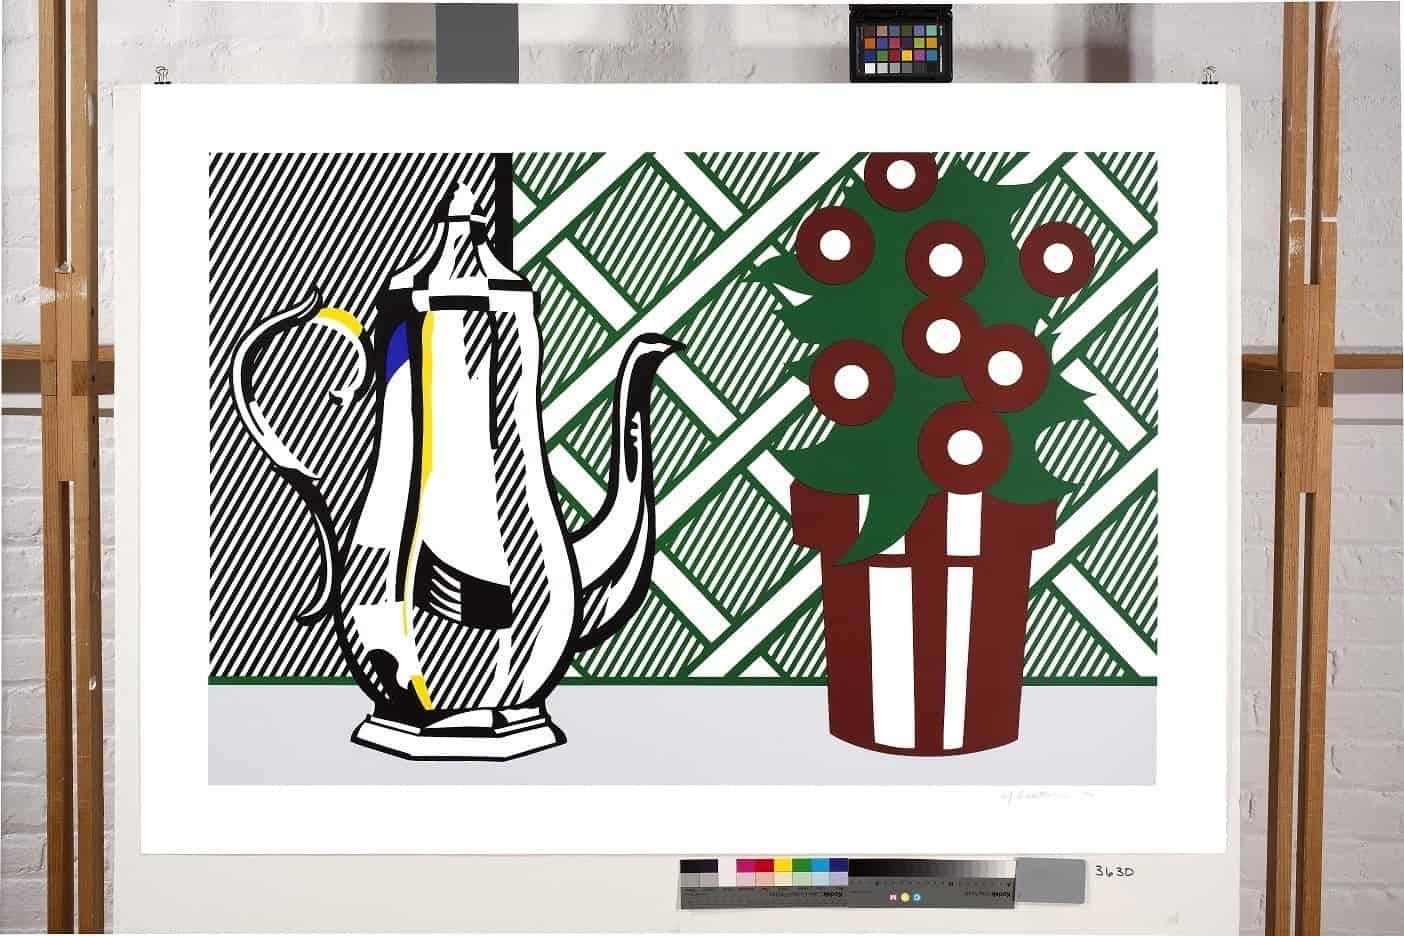 Roy Lichtenstein – Still Life with Coffee Pot and Flower Pot, 1974